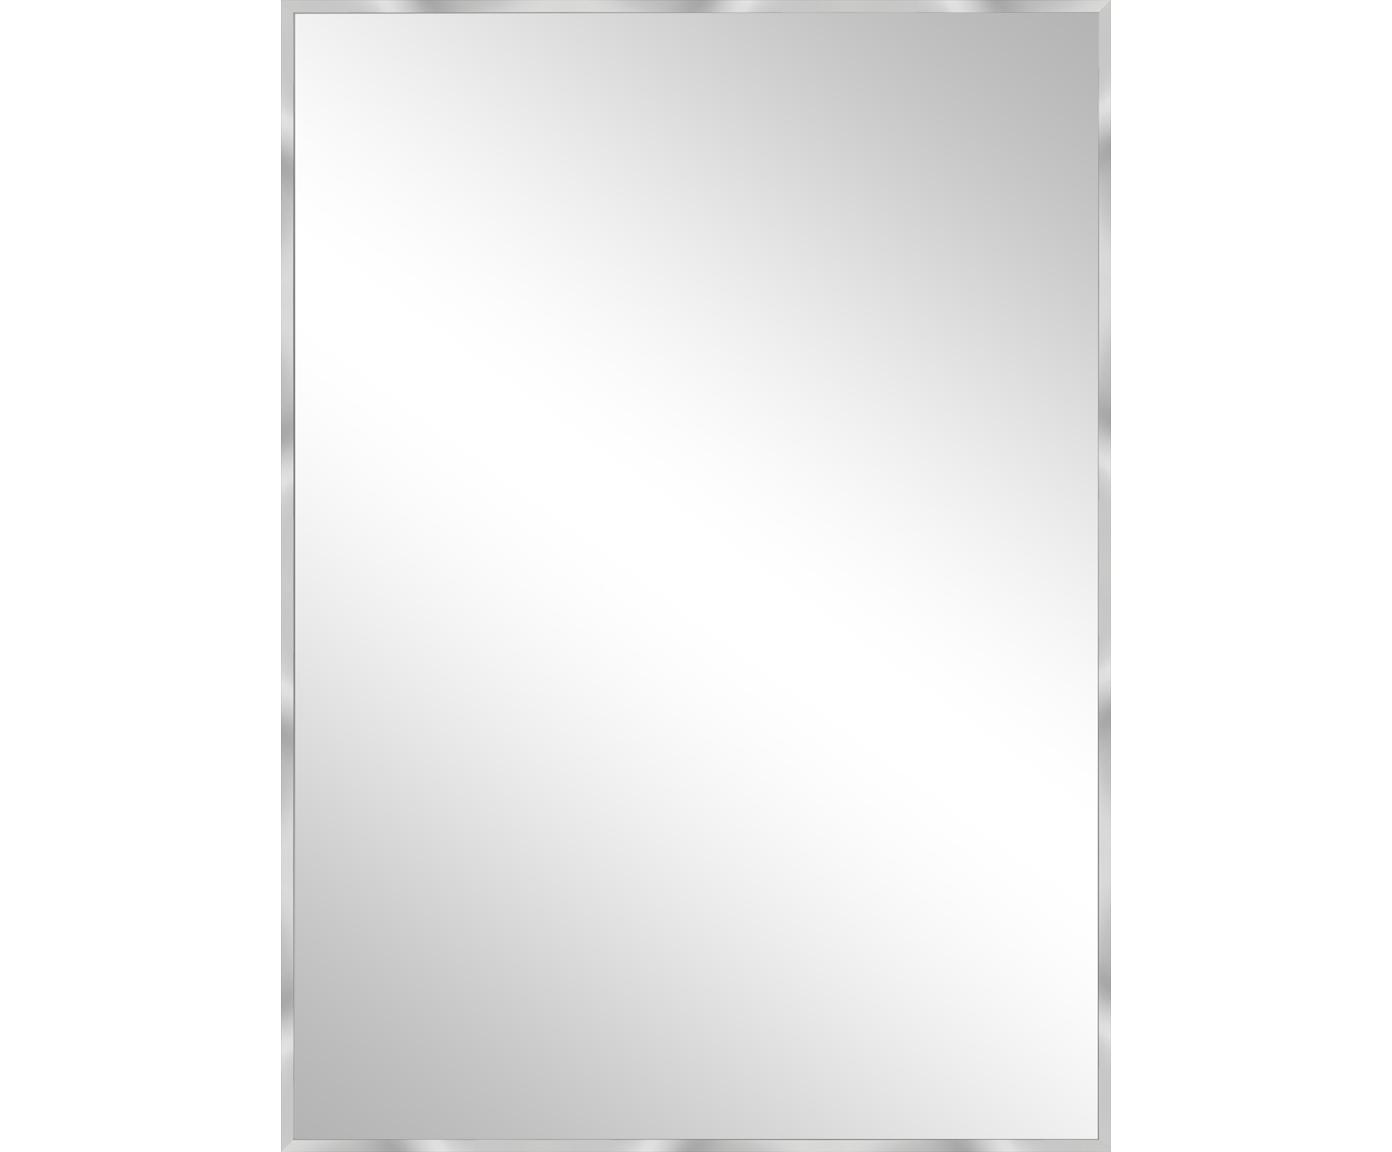 Specchio da parete con cornice Alpha, Cornice: alluminio, Superficie dello specchio: lastra di vetro, Alluminio, Larg. 50 x Alt. 70 cm